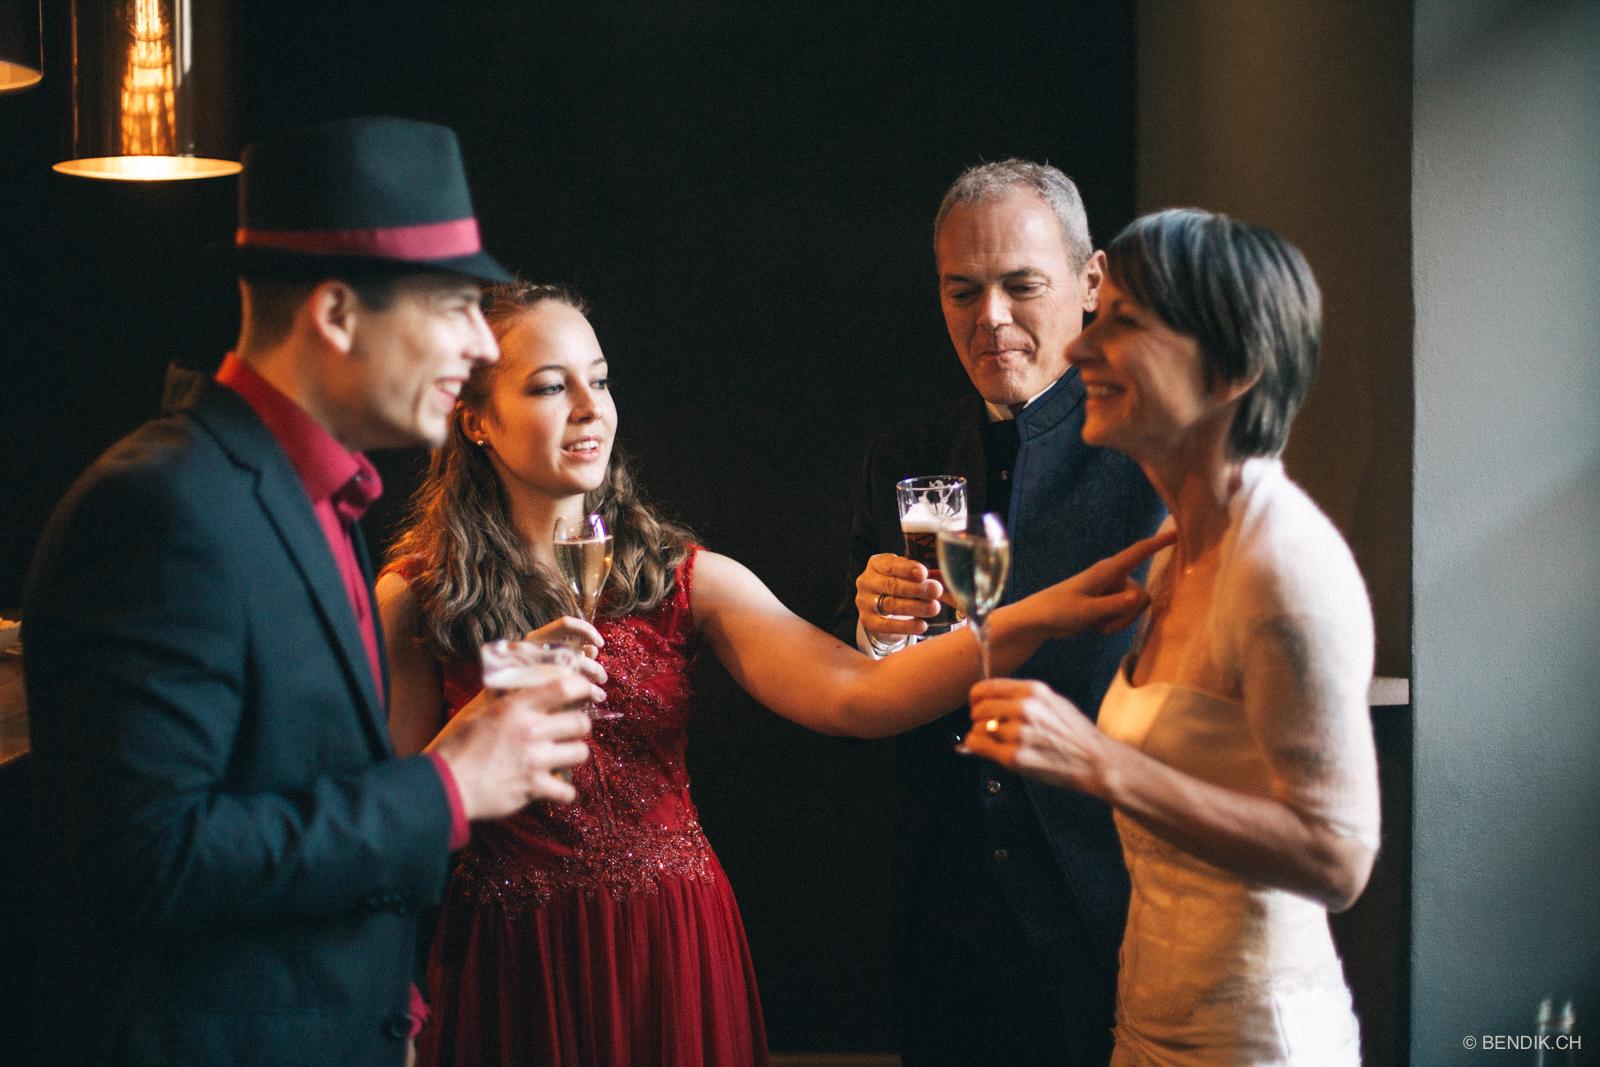 Brautpaar und Trauzeugen mit Sekt lachend während Apéro